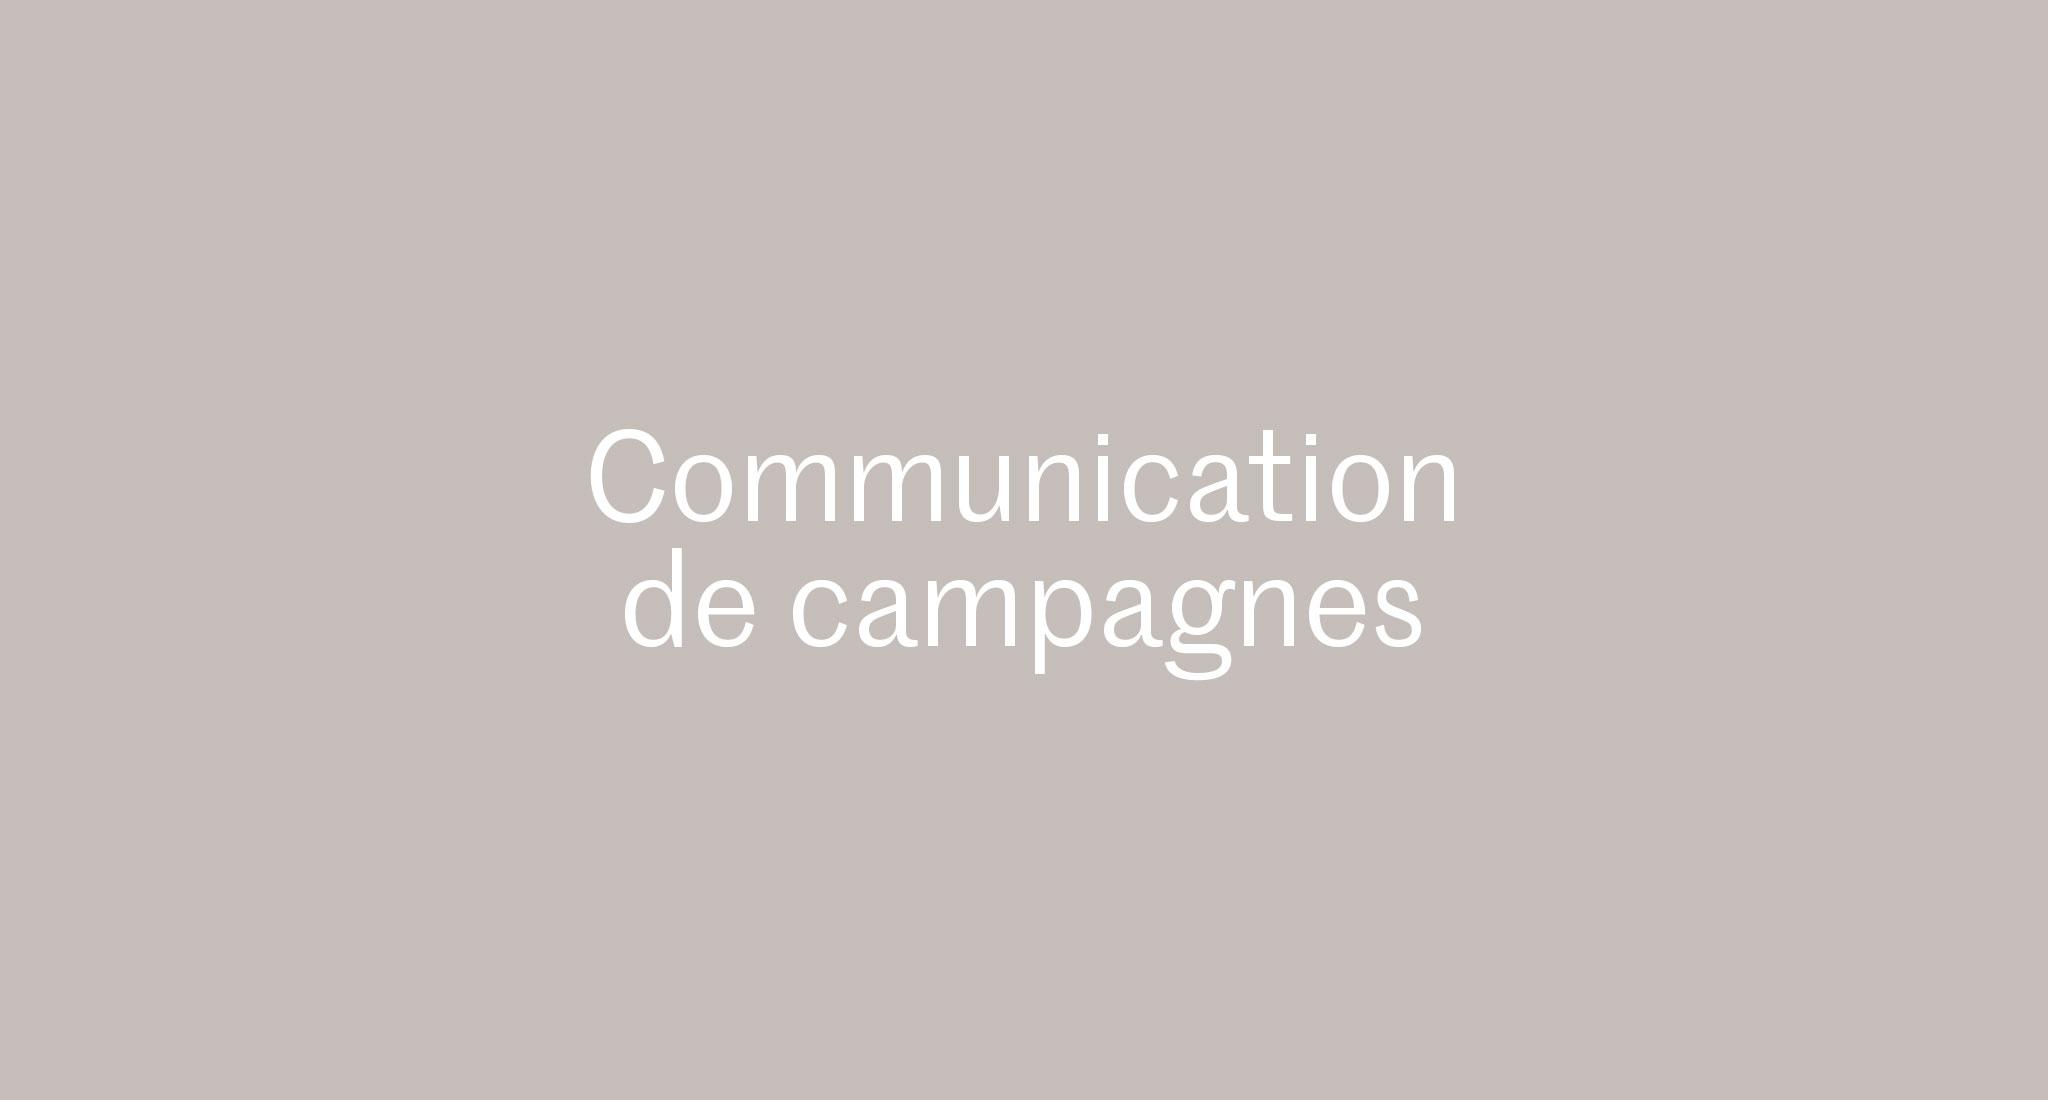 Visuels et concepts de campagne